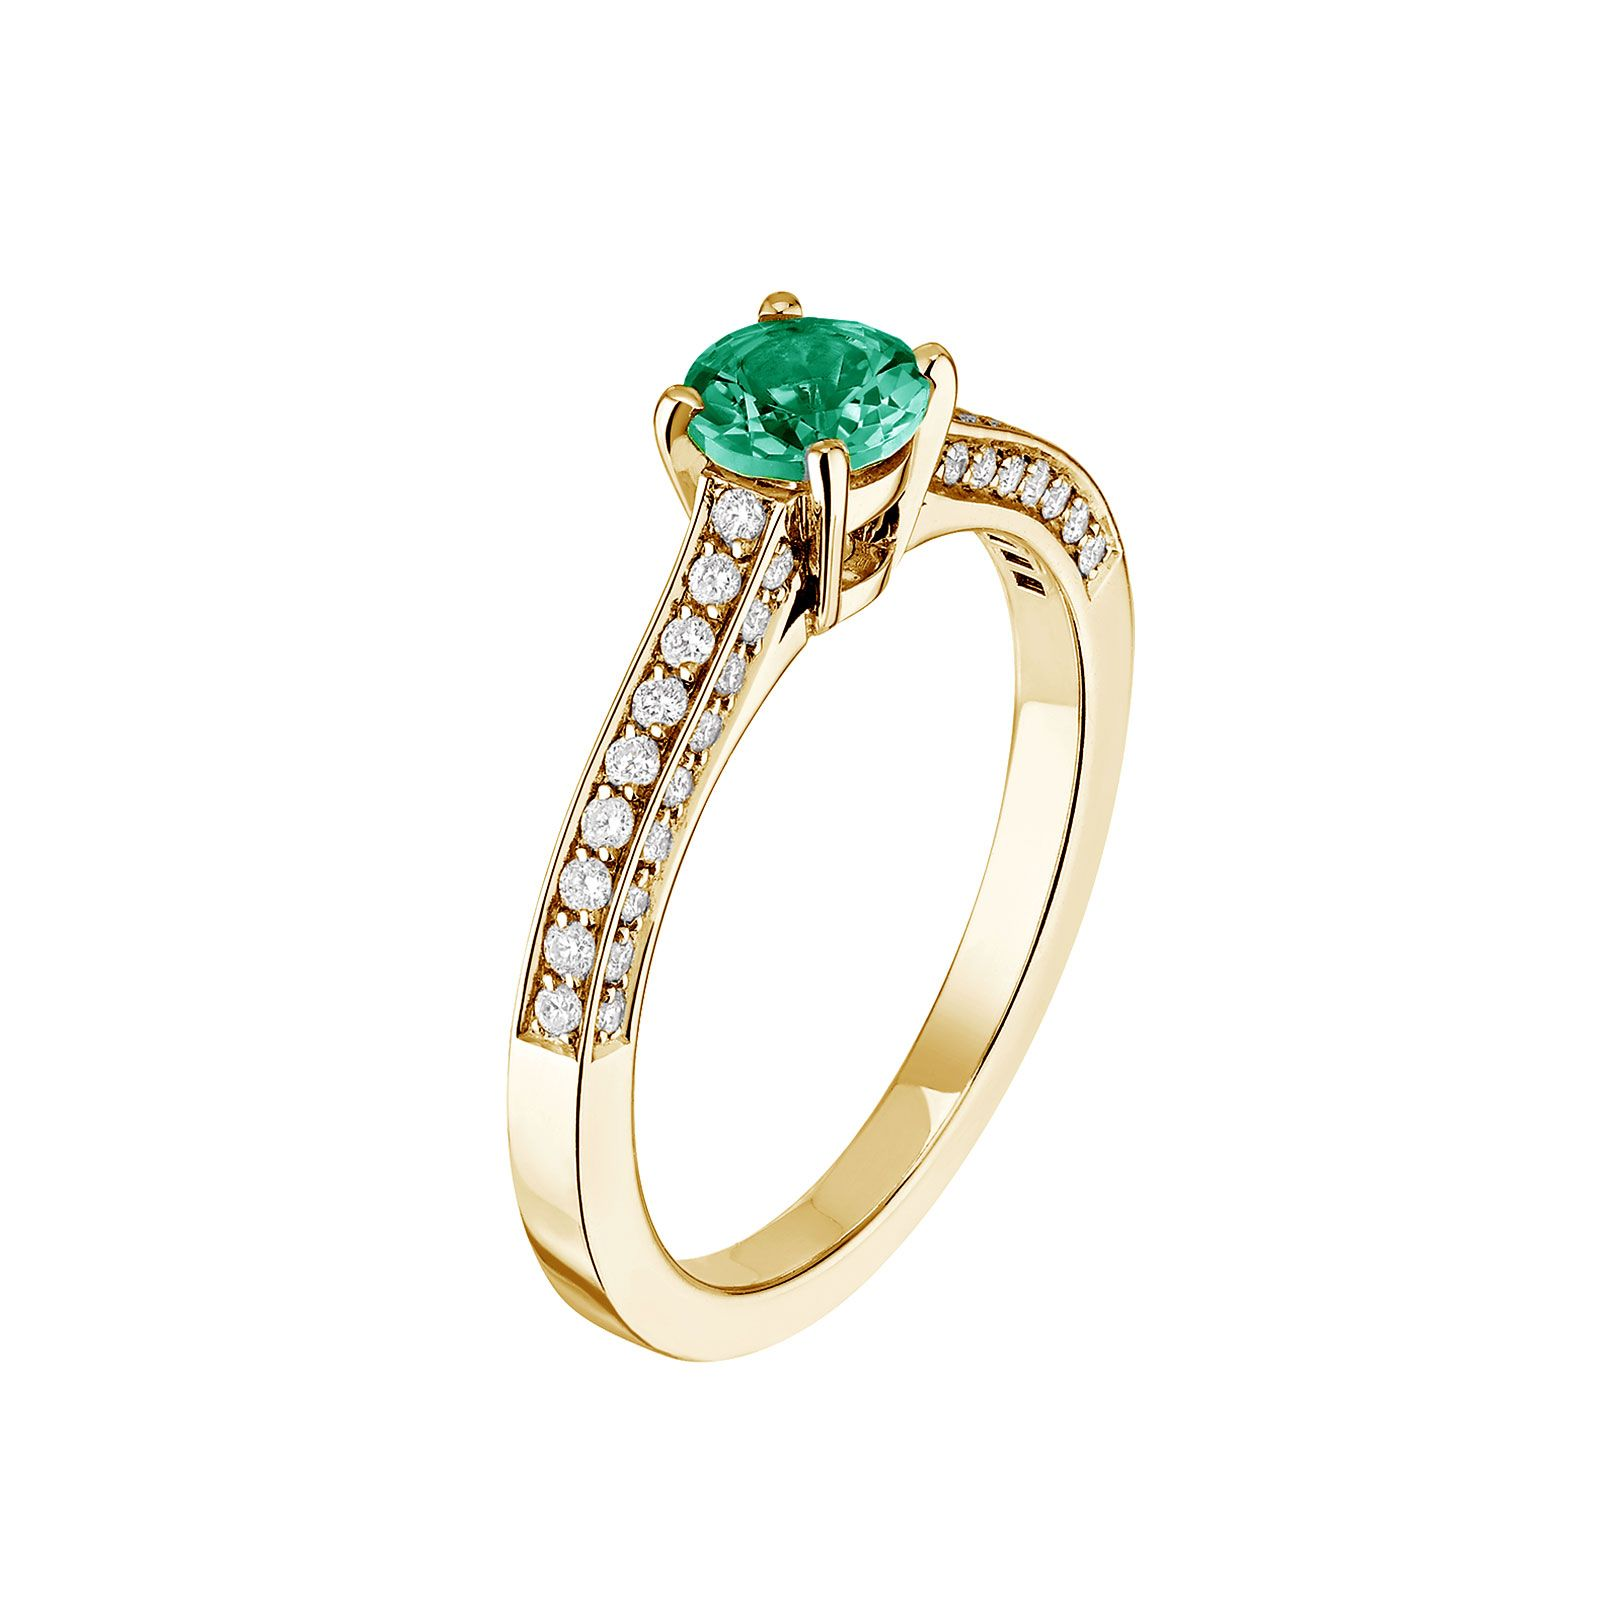 Bague Or Jaune 750 ‰ Emeraude Et Diamants Lady So Pavée